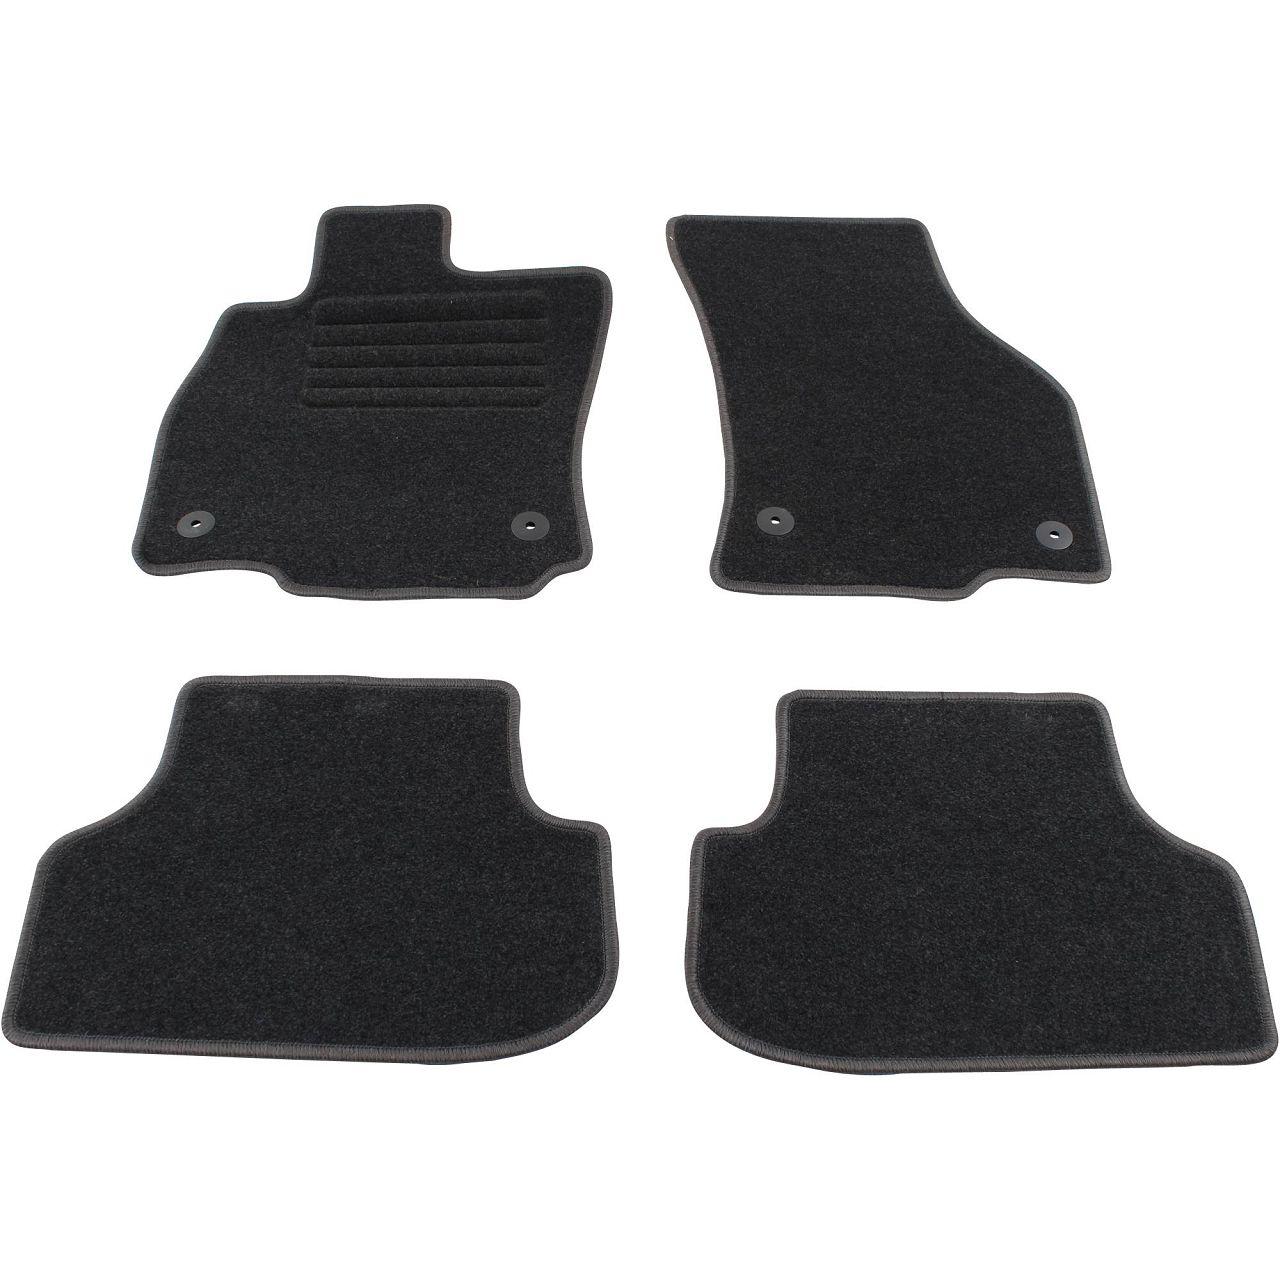 Veloursmatten Textilmatten Fußmatten für SEAT LEON / SC / ST (5F) 4-tlg